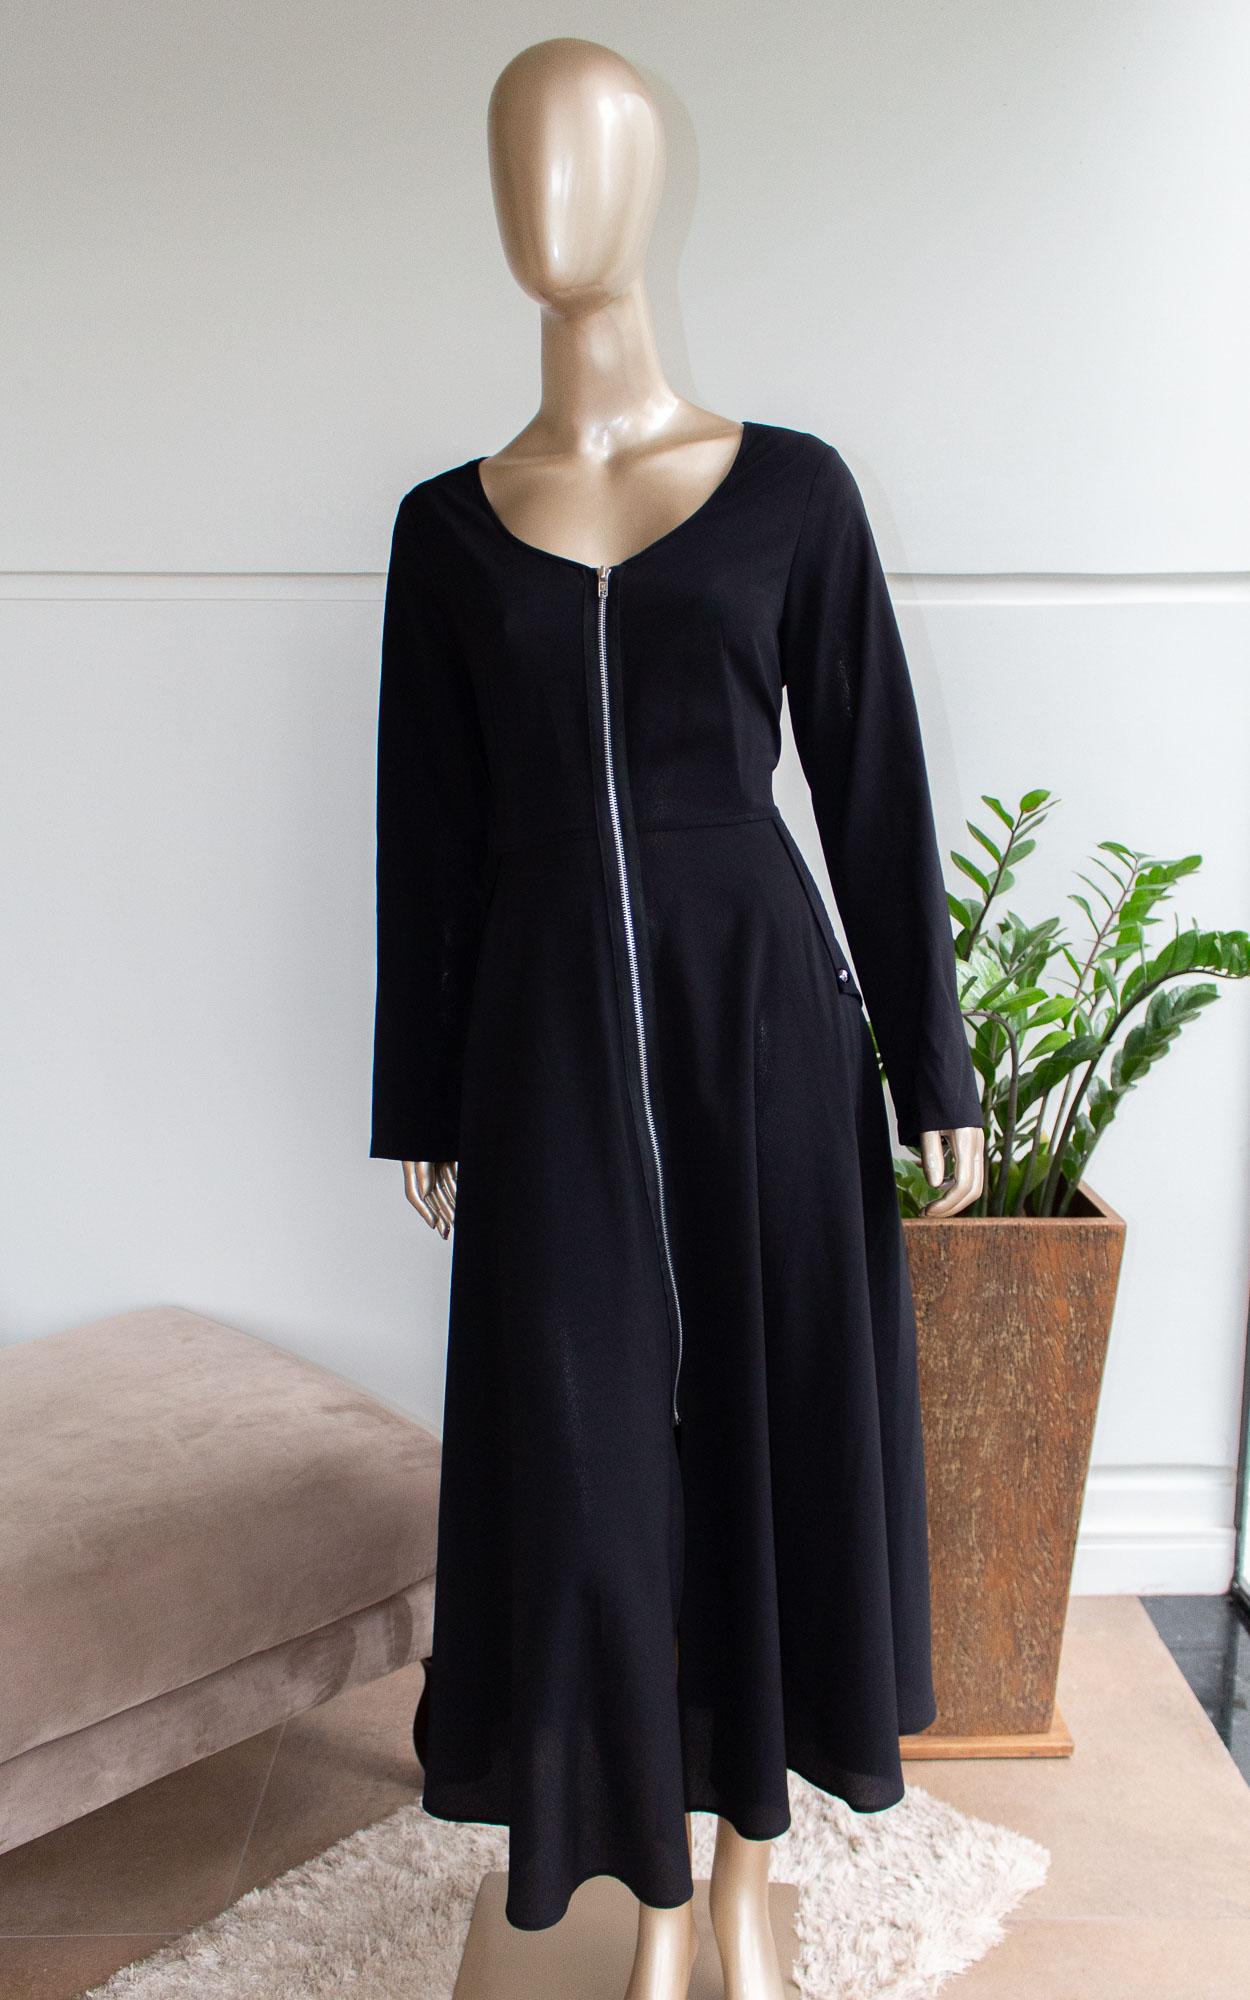 Vestido midi manga longa com abertura frontal em zíper e bolsos